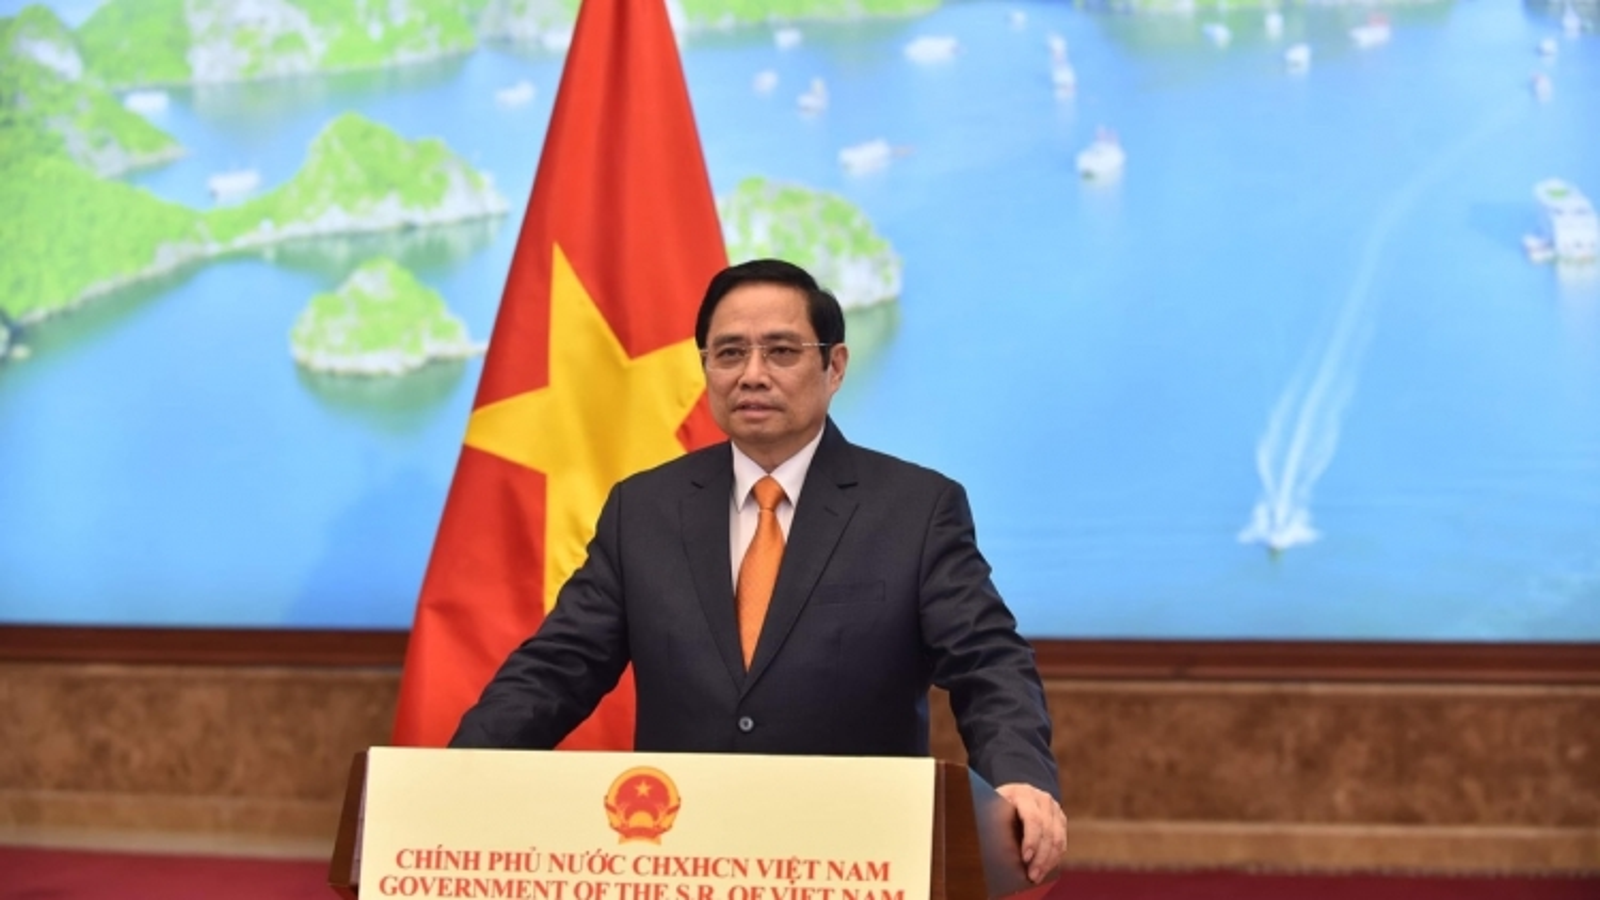 Phát biểu của Thủ tướng tại Hội nghị Thượng đỉnh Thương mại Dịch vụ toàn cầu năm 2021